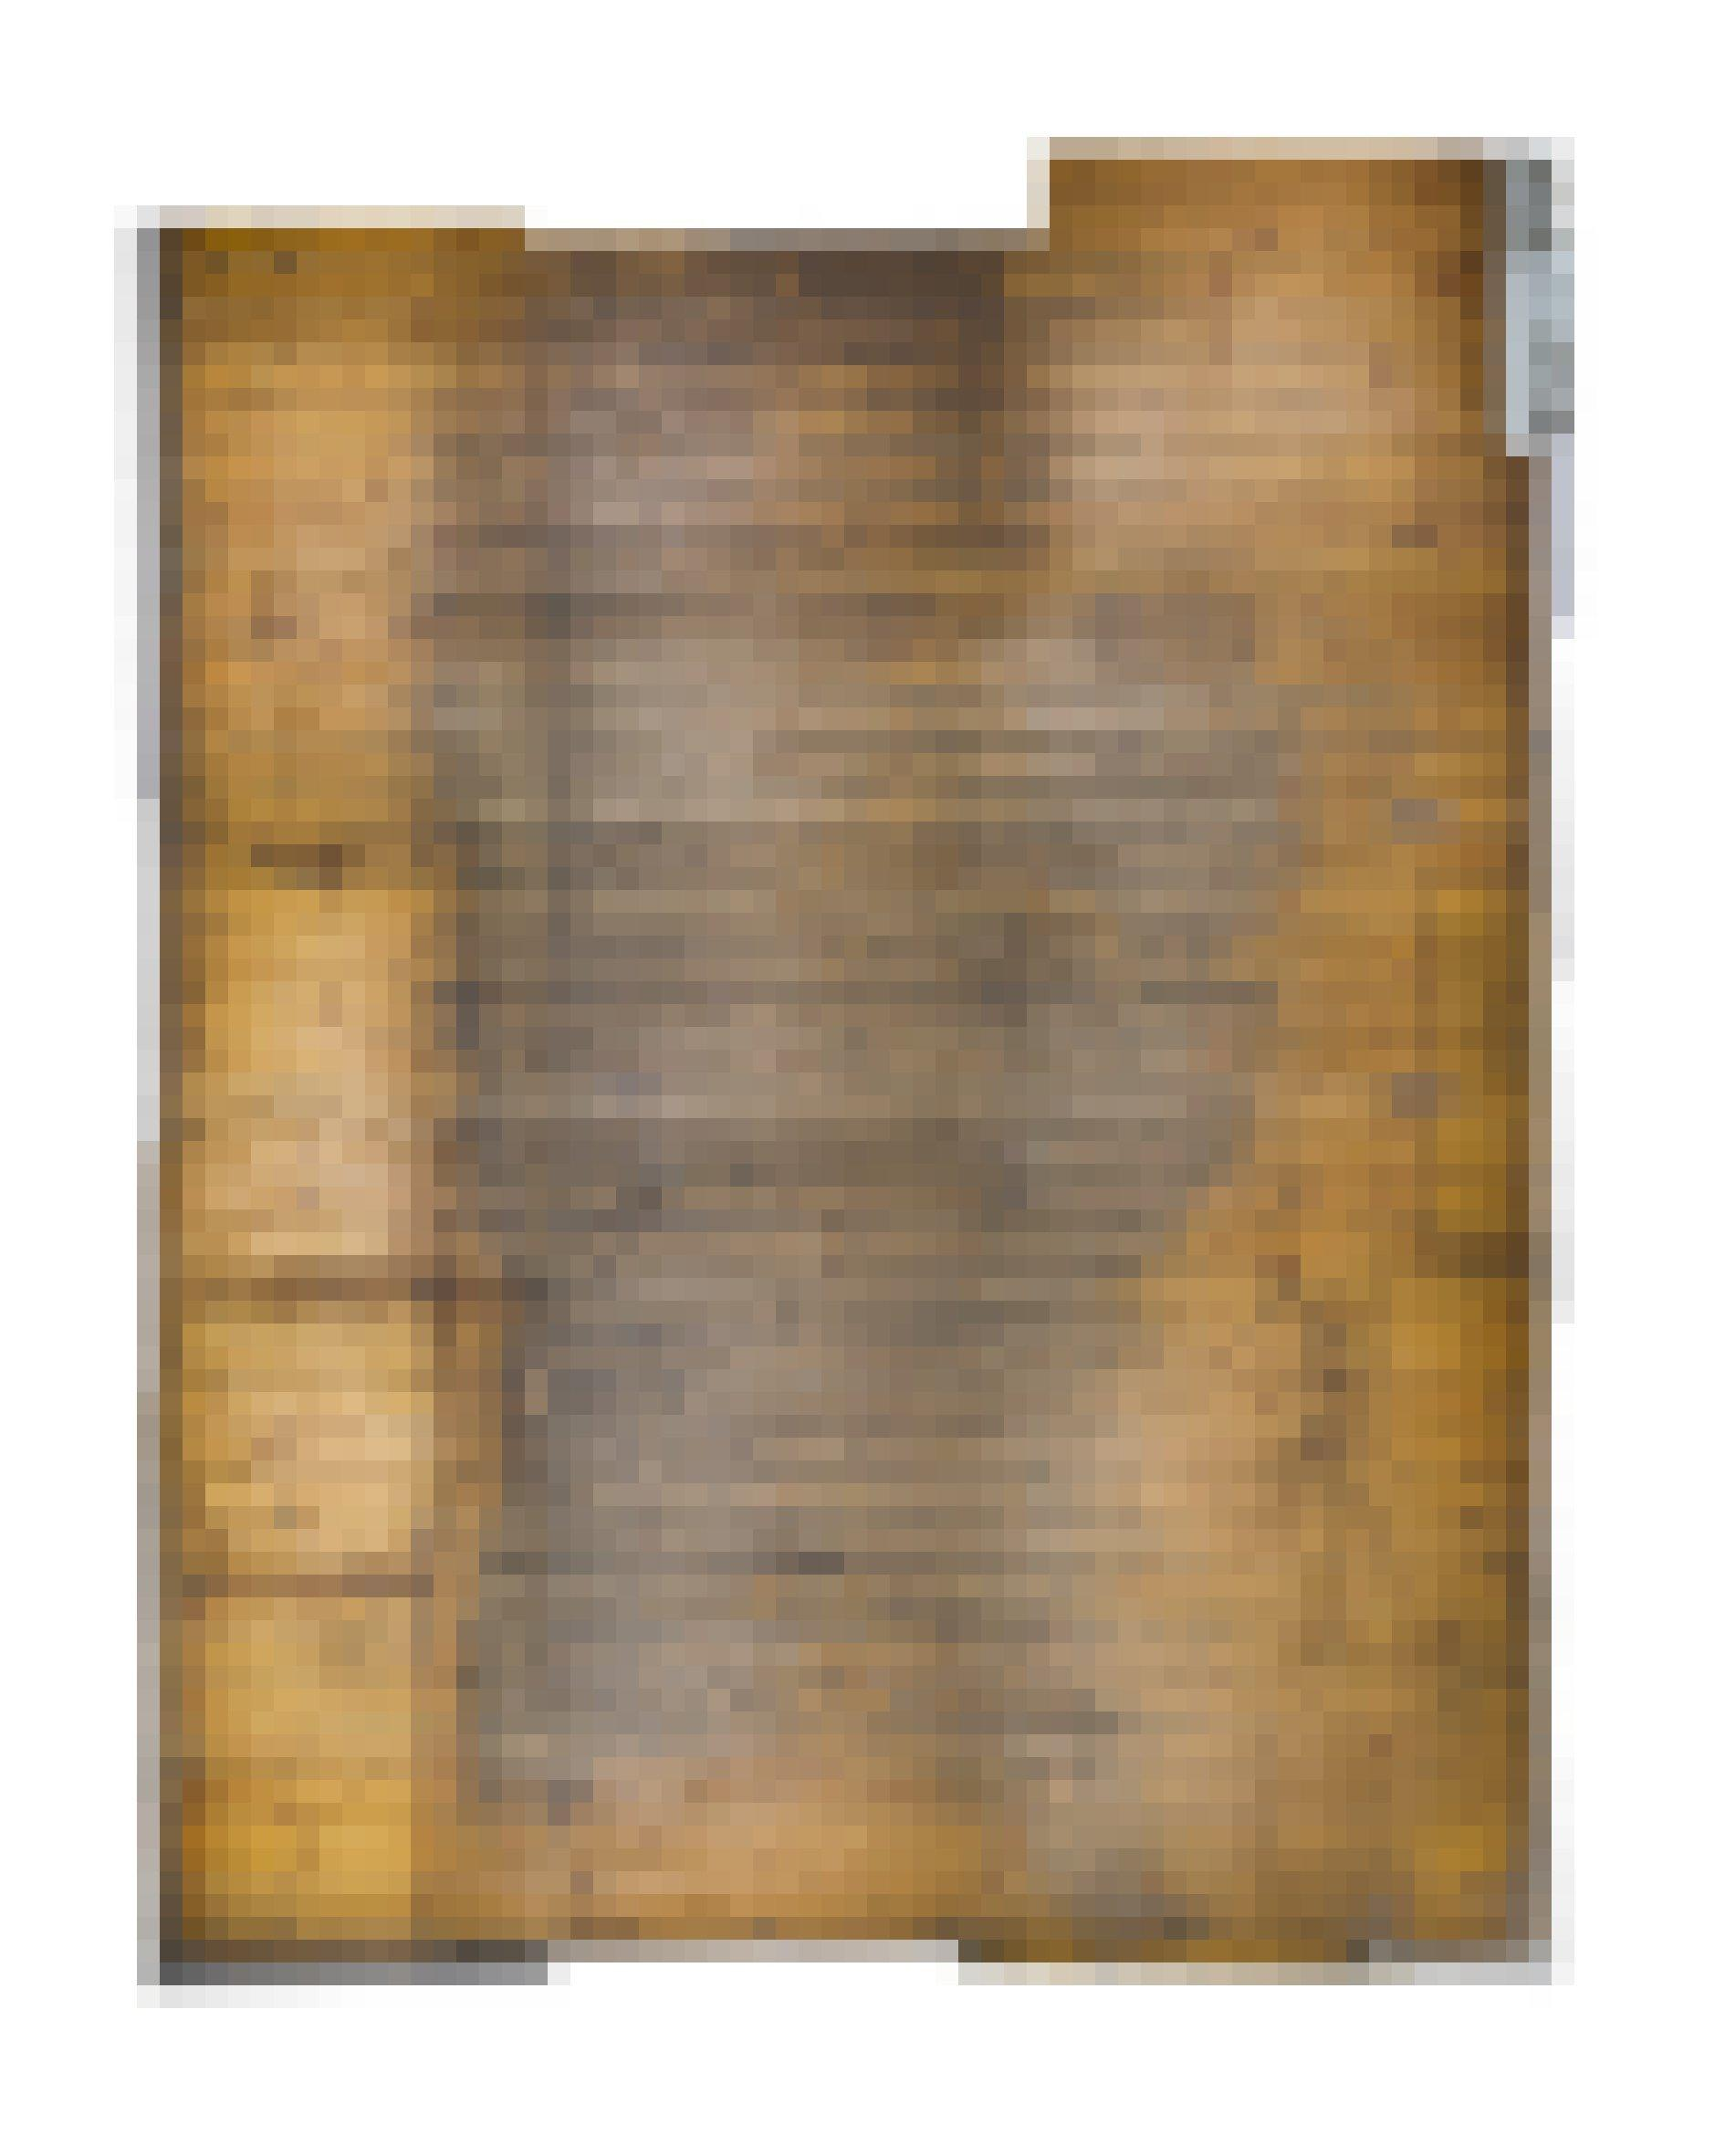 Breite, dunkle Bahnen auf dem Holz zeigen an, wo sich die Besucherïnnen zwischen den Vitrinen bewegt haben.